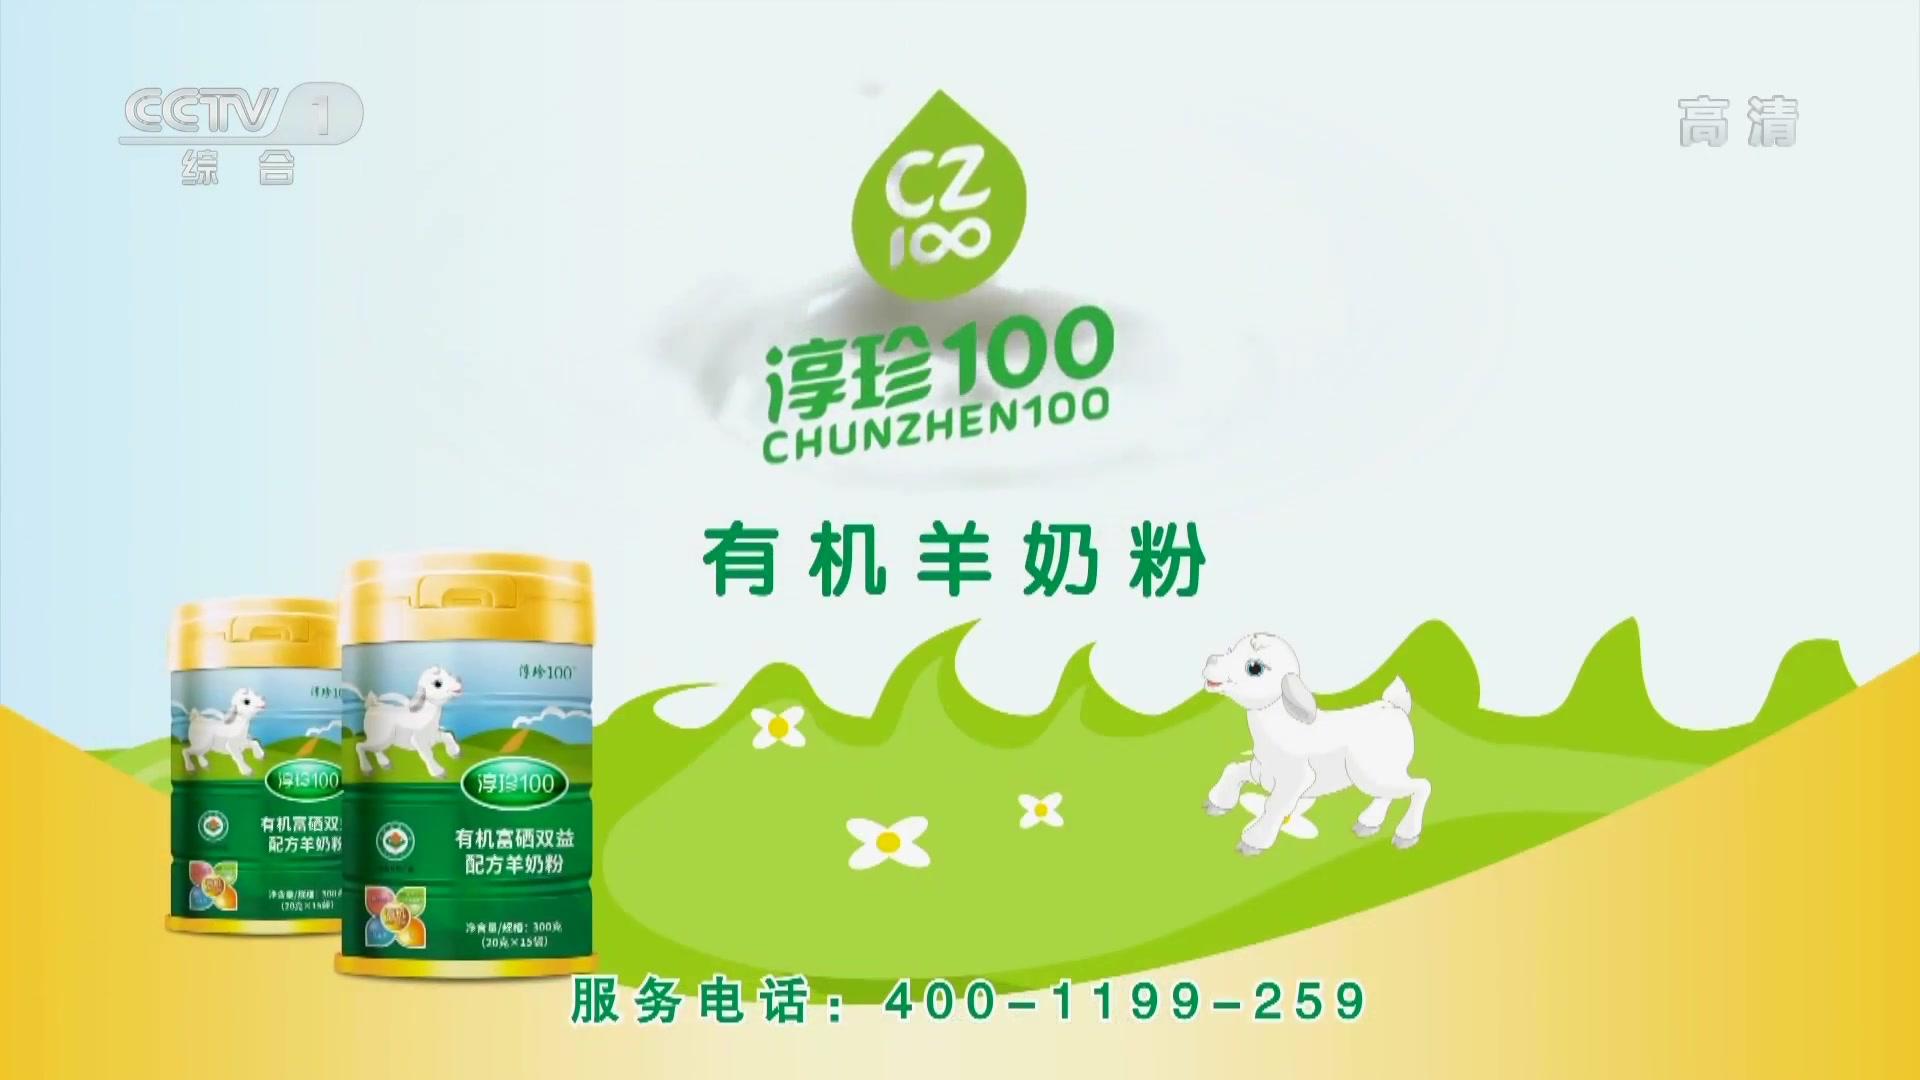 央视广告欣赏-淳珍100有机羊奶粉